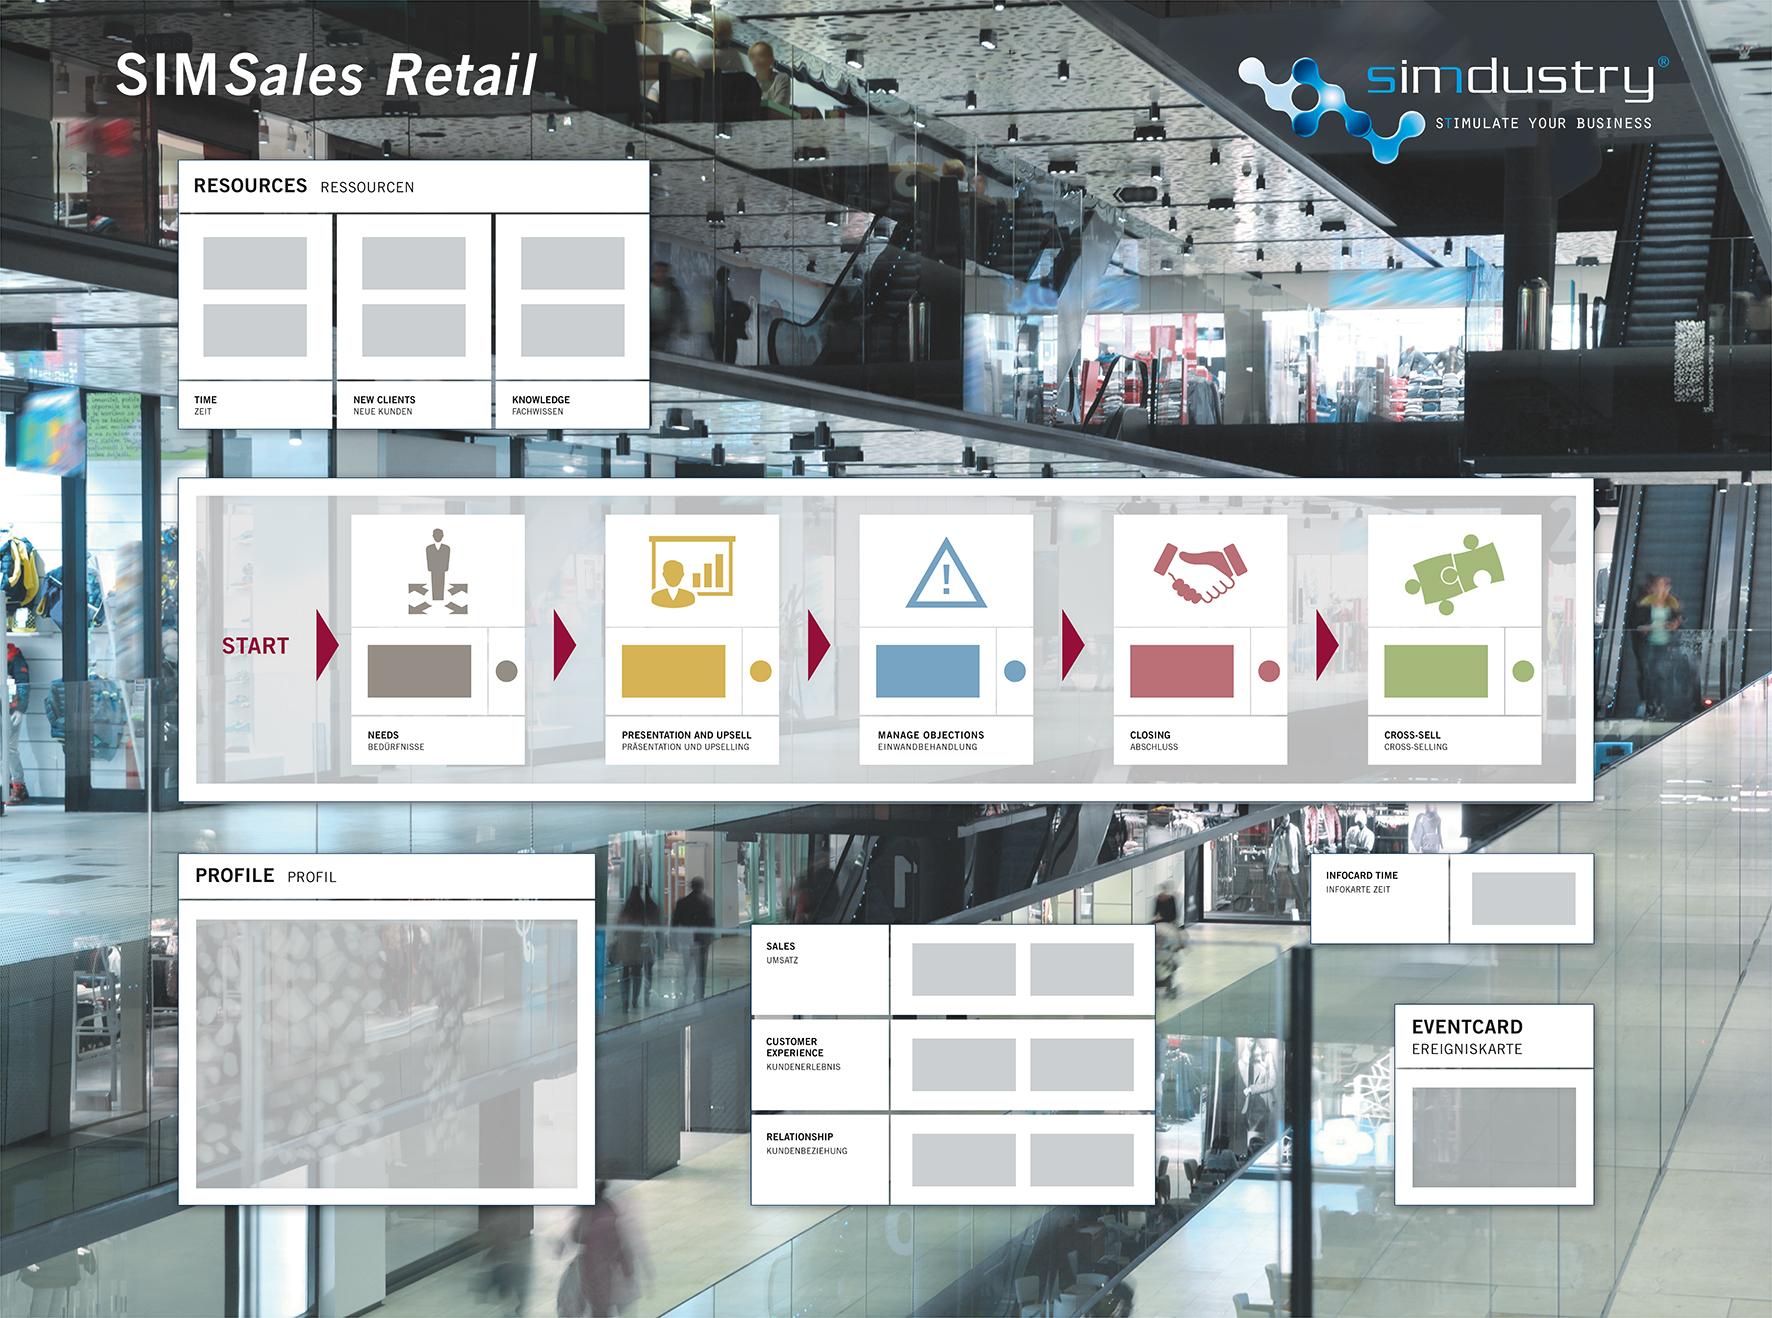 SIMSales-Retail Boardansicht